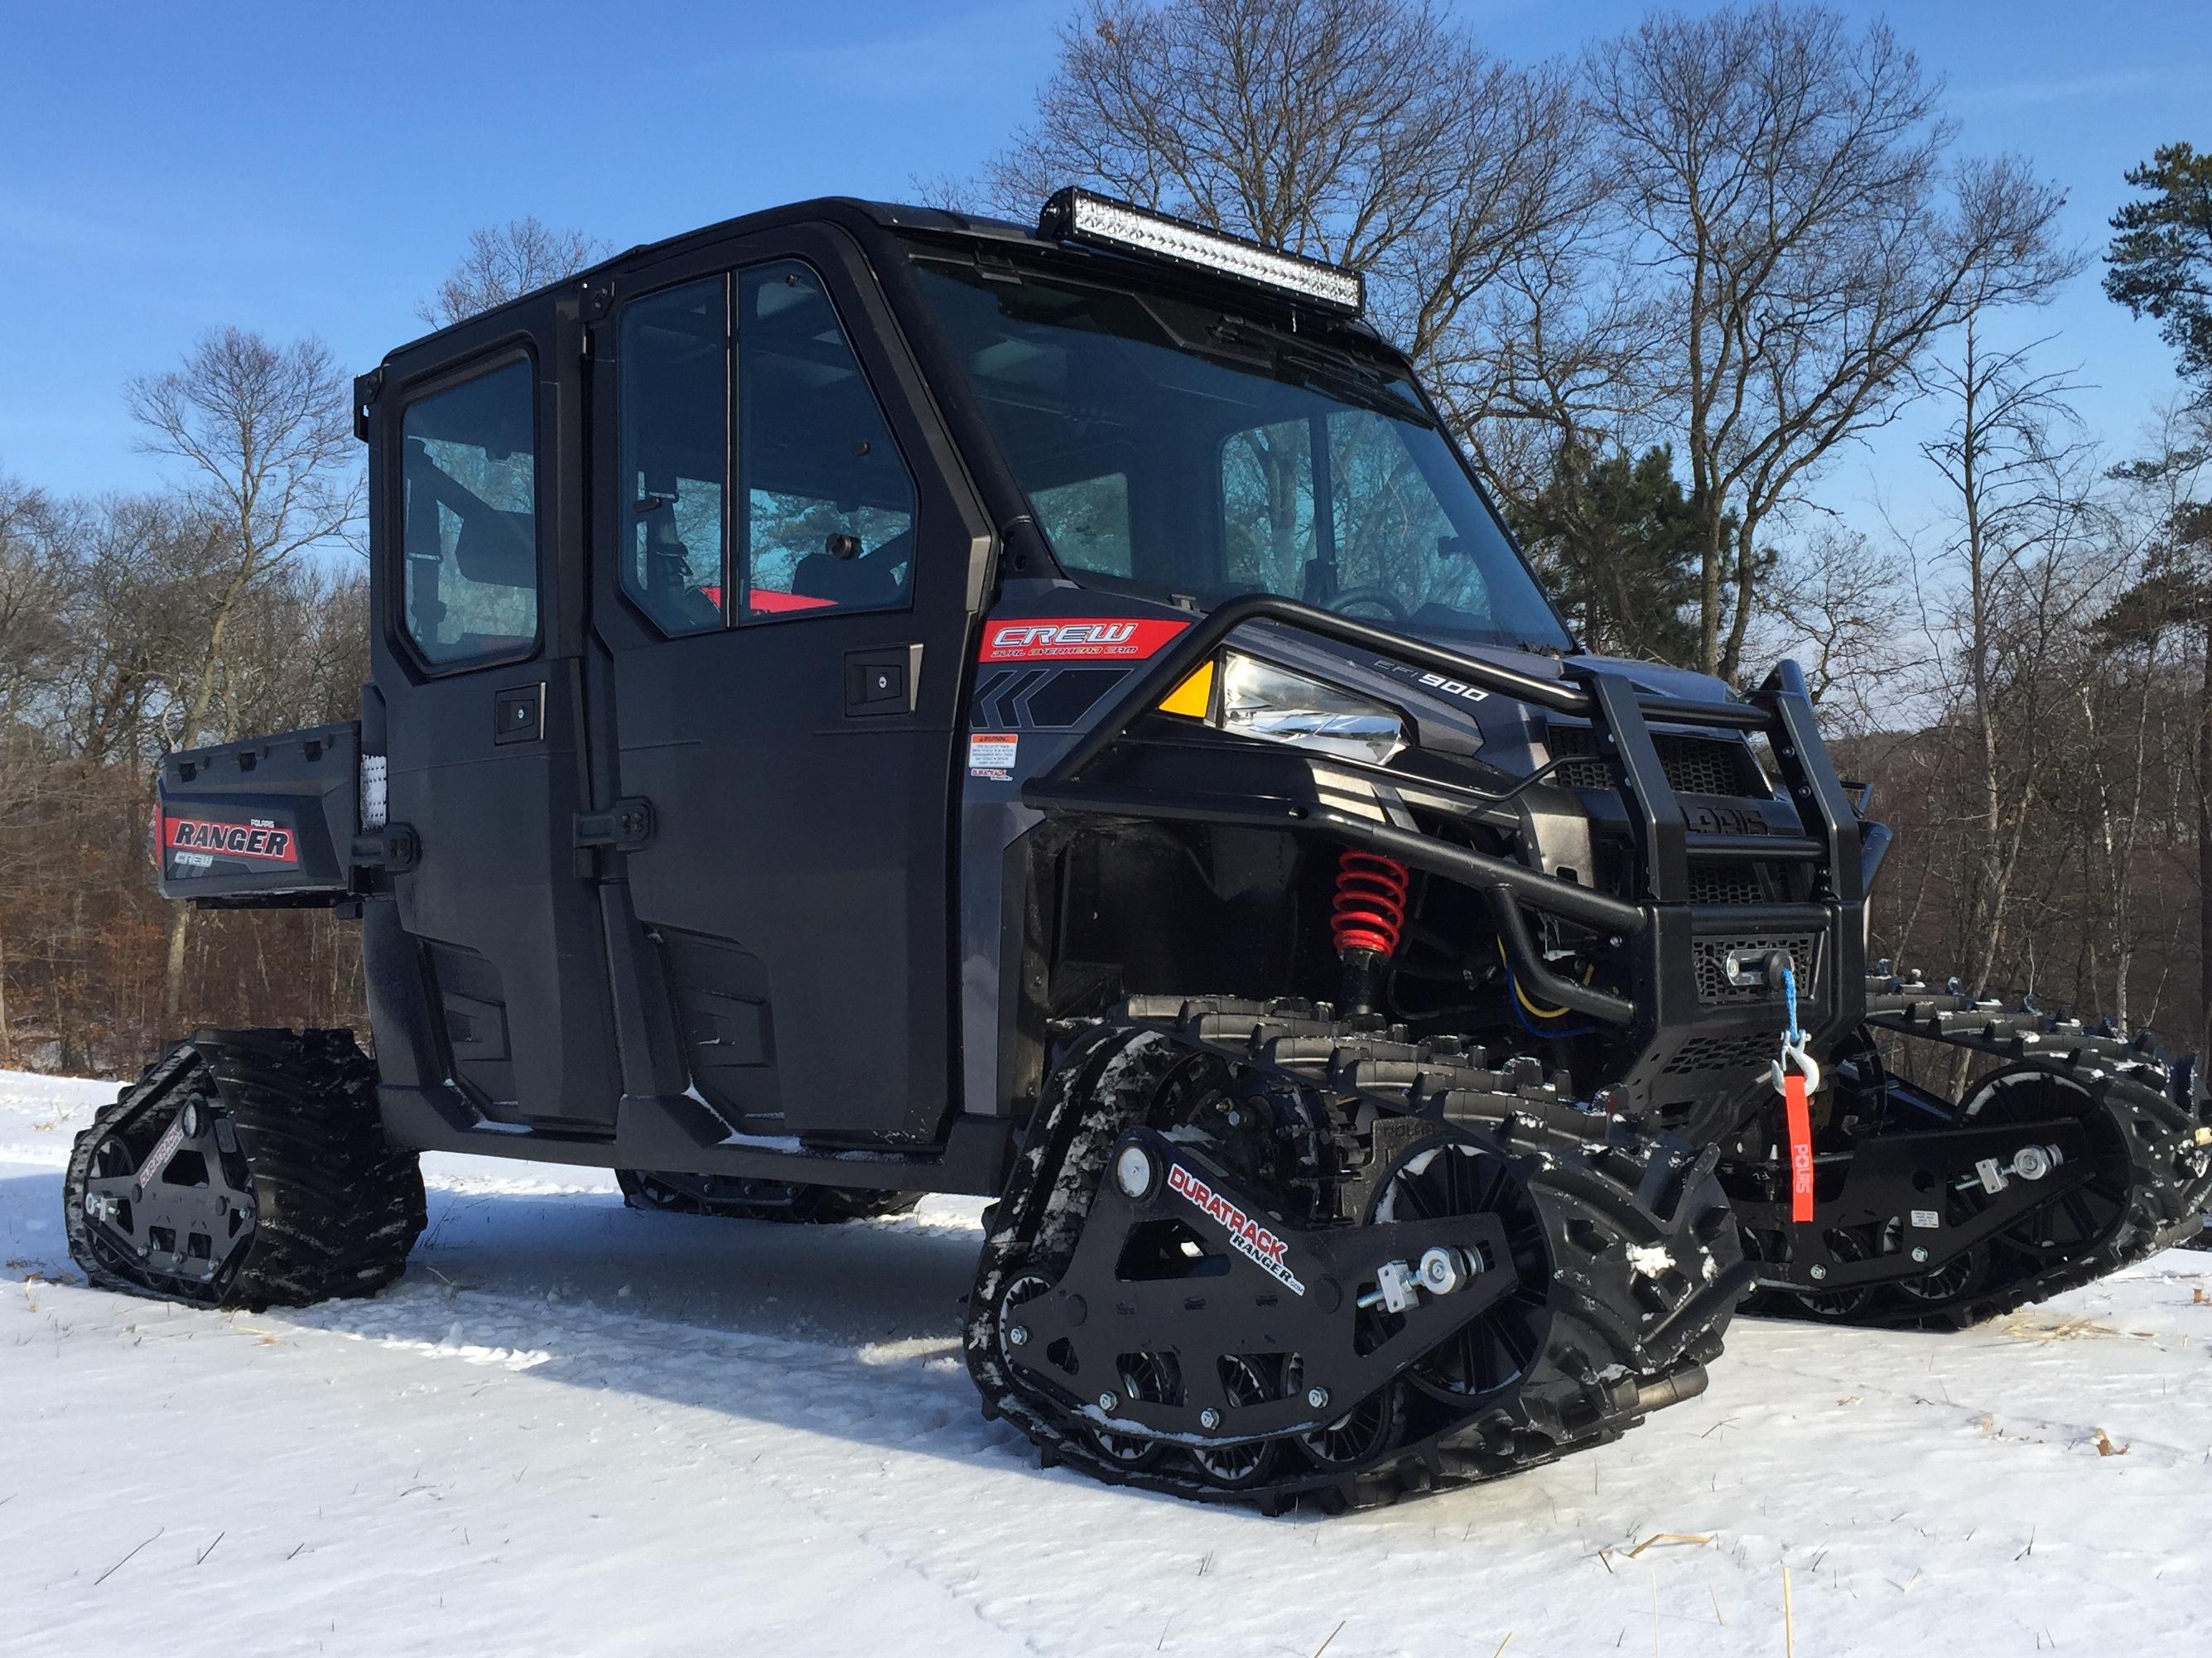 All Terrain Track System For Polaris Ranger Utv S From